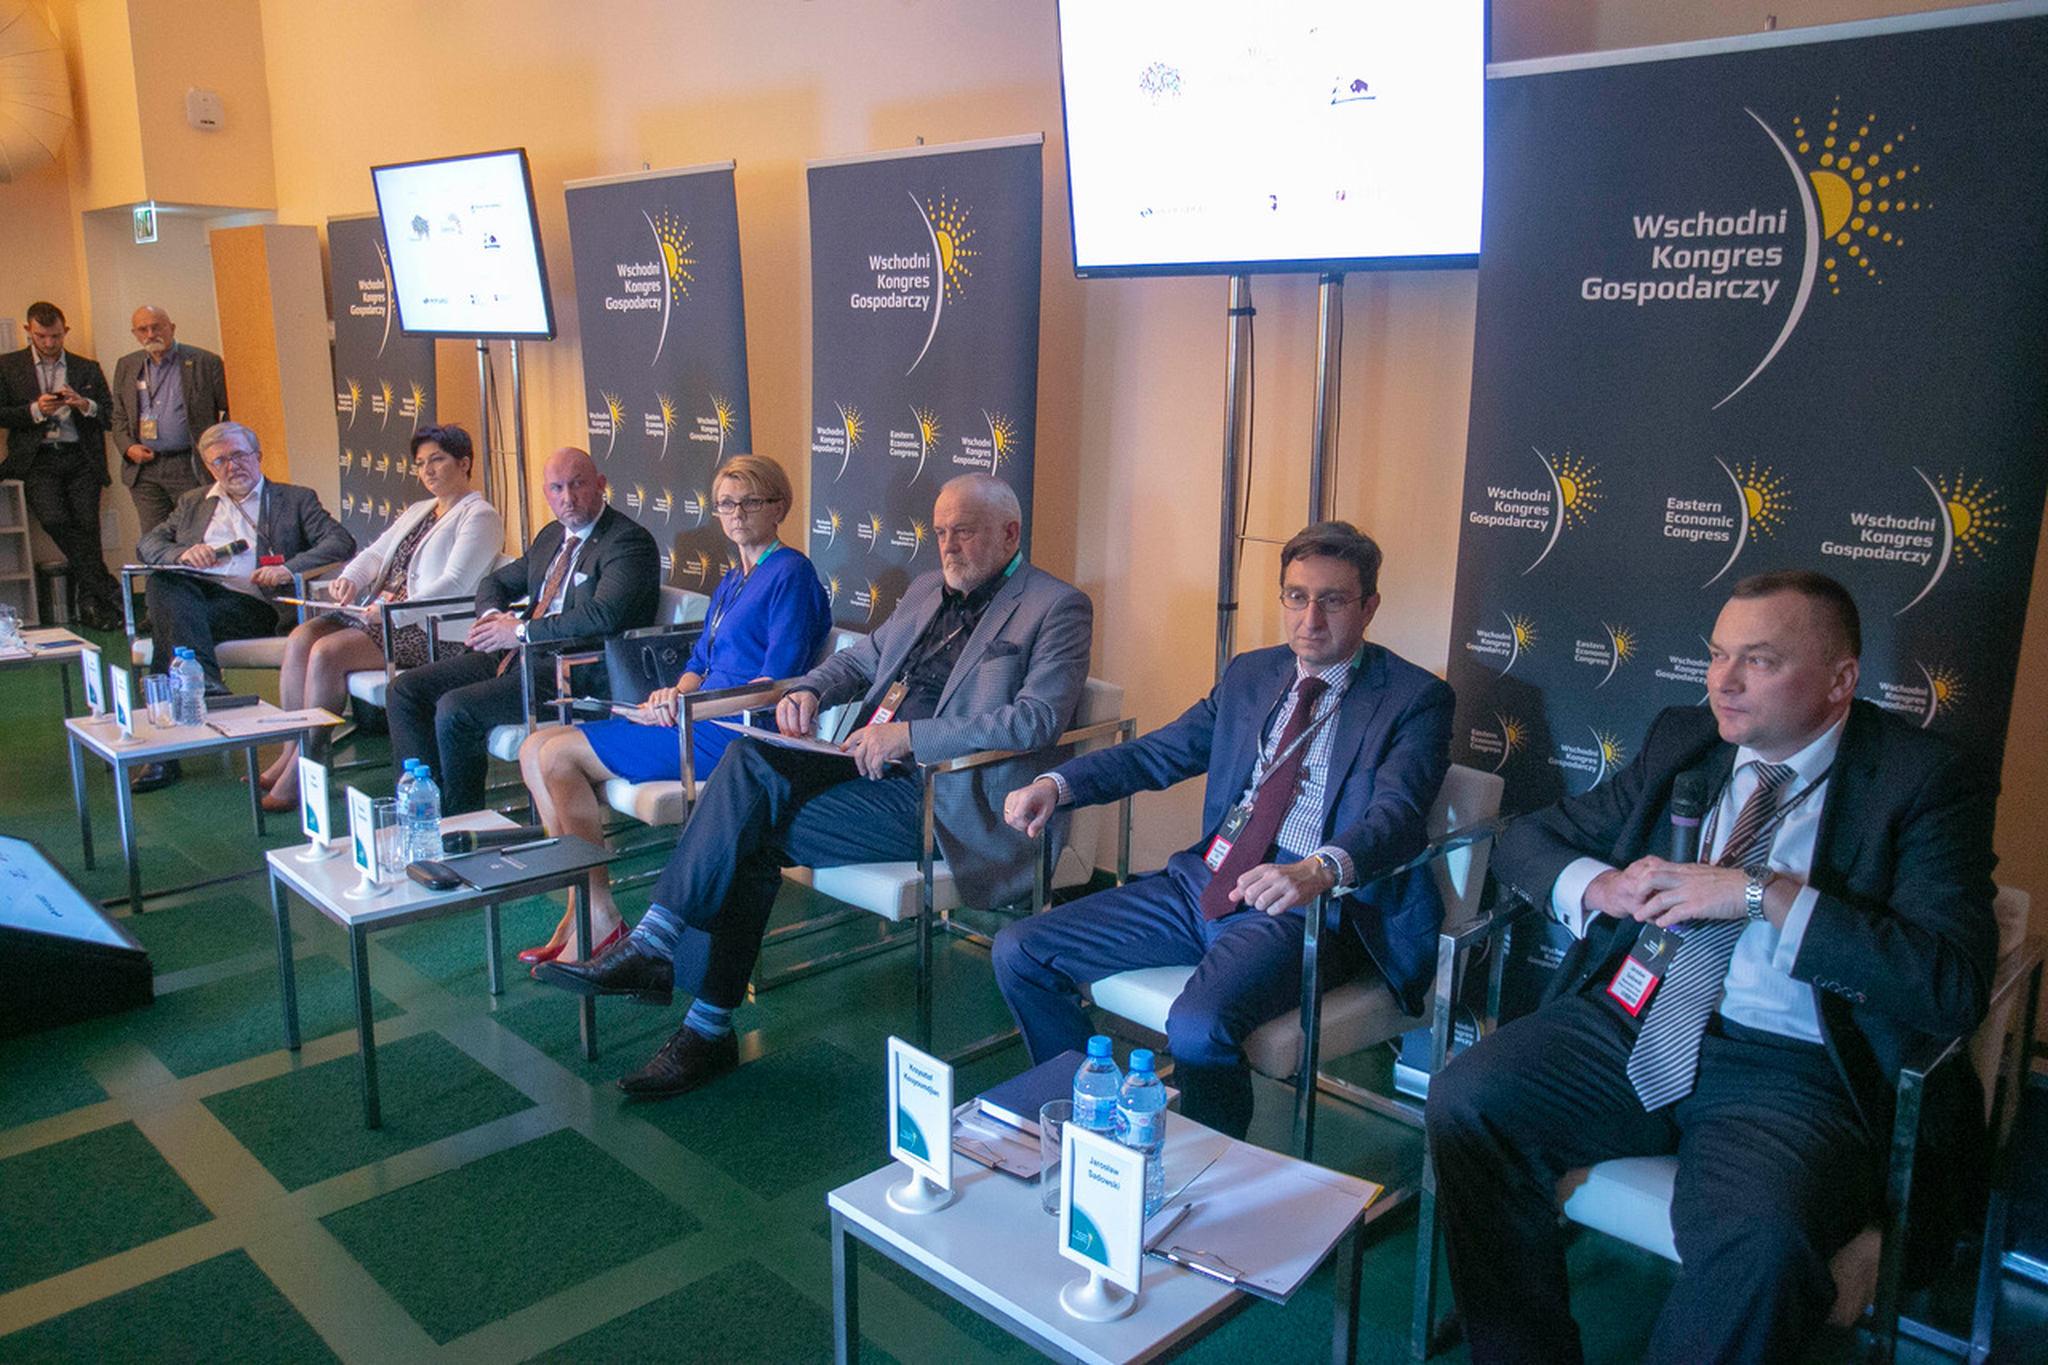 Od prawej siedzą: Jarosław Sadowski, Krzysztof Kouyoumdjian, Roman Kaczyński, Ewa Frołow, fot. PW/PTWP